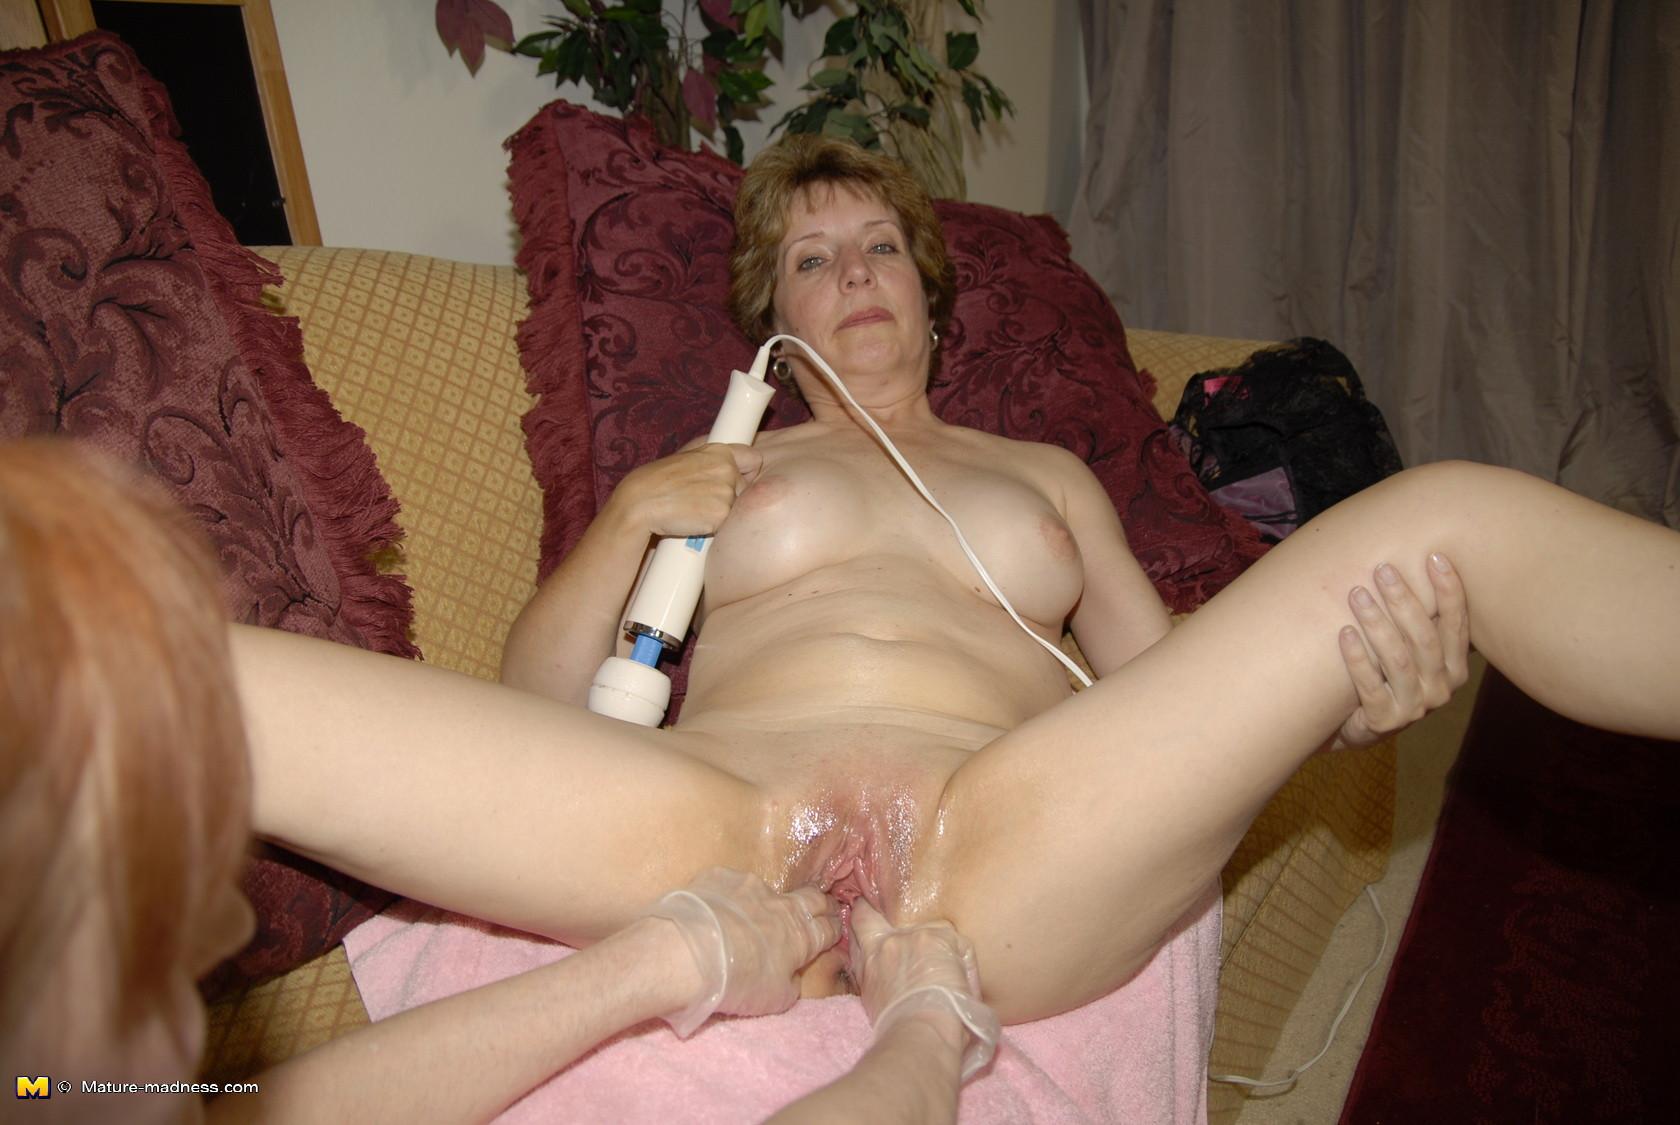 igri-seksualnie-chastniy-fisting-zreloy-kachestvennoe-foto-poshla-popisat